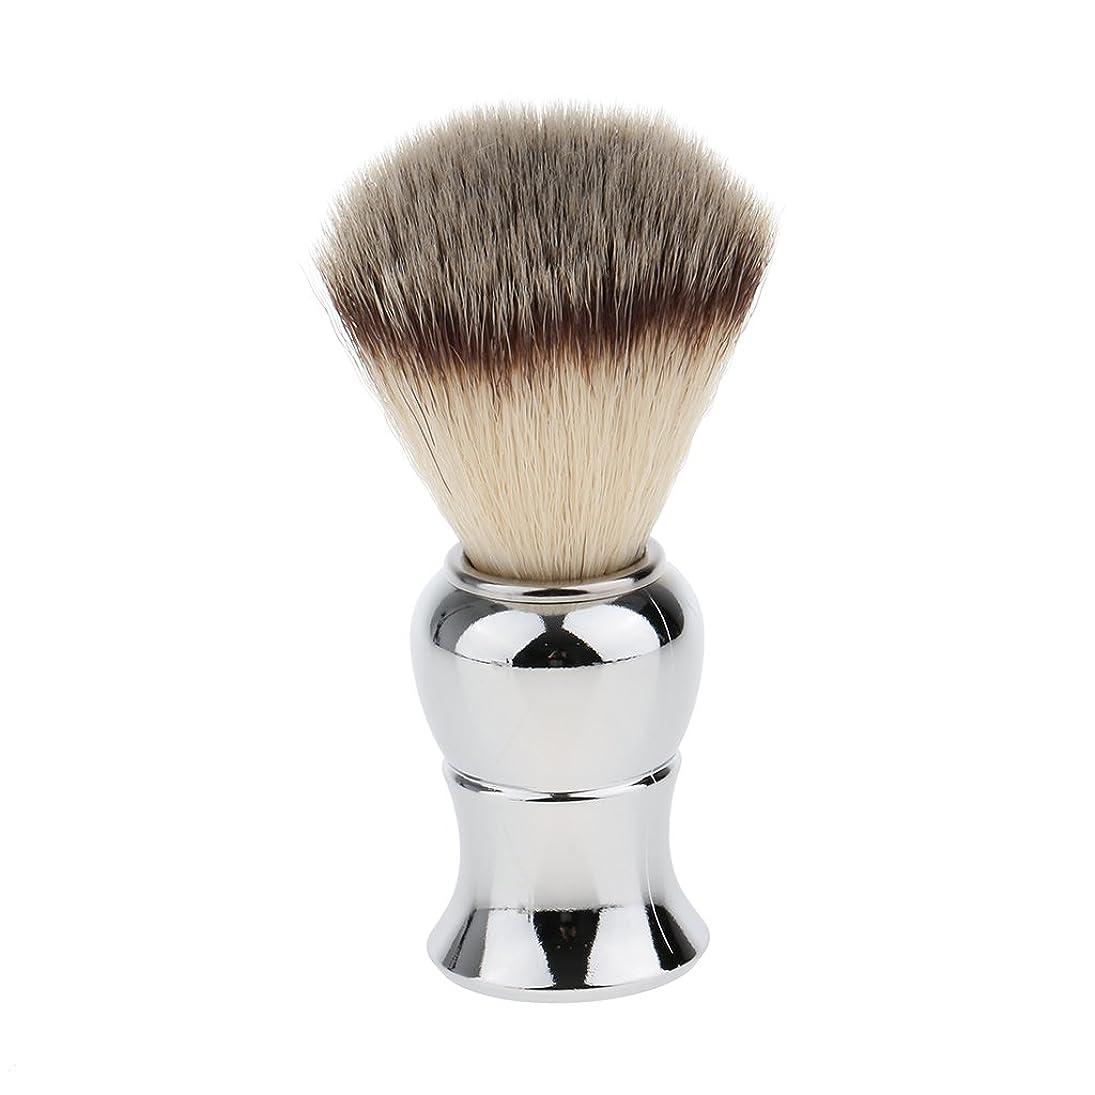 に頼るジュラシックパーク依存するKesoto メンズ シェービングブラシ ソフト ナイロン 合金ハンドル シェービング ブラシ サロン 髭剃りツール